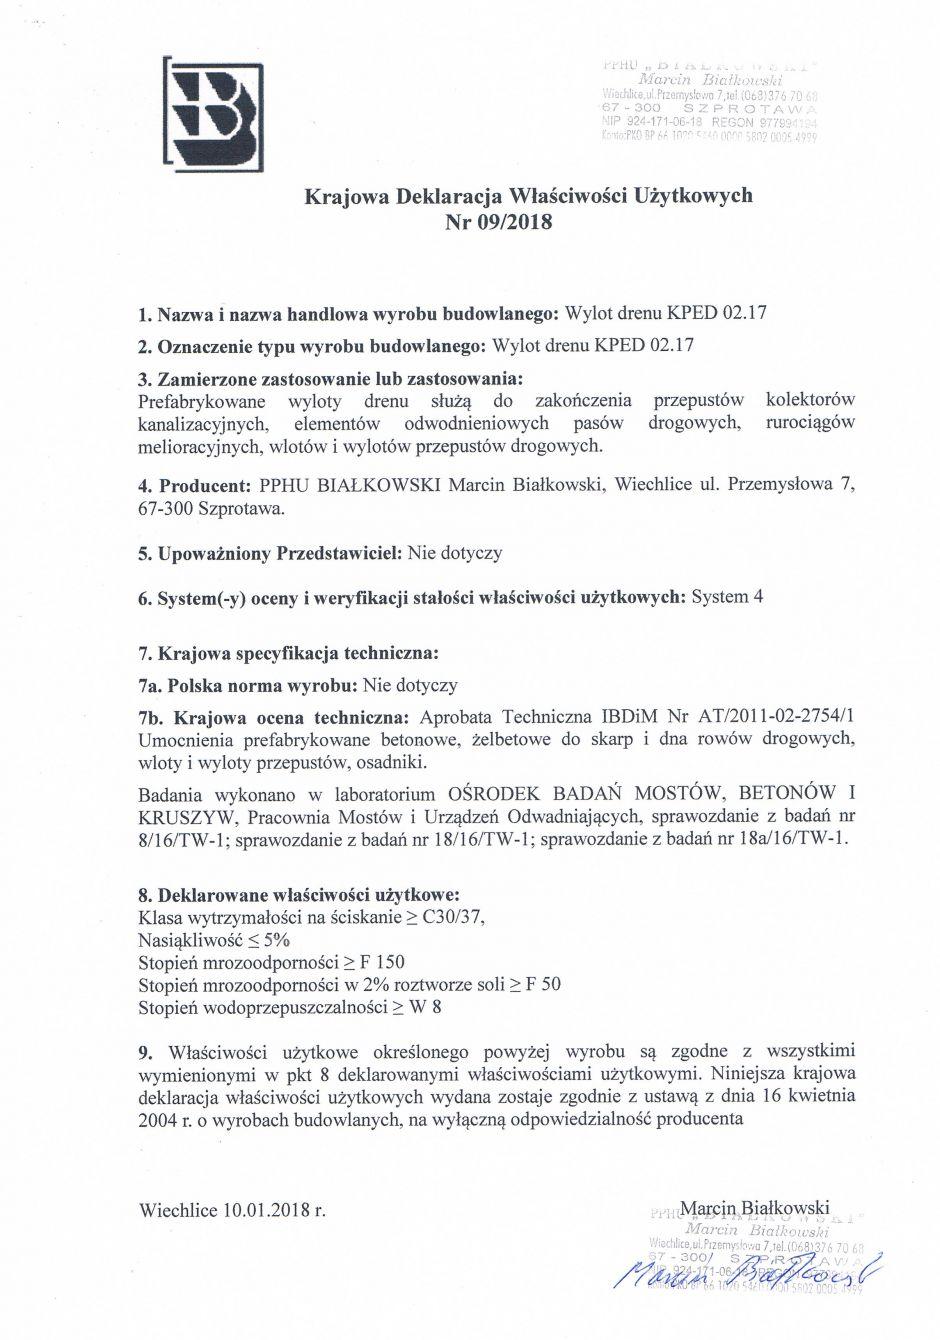 Krajowa Deklaracja Właściwości Użytkowych Nr 09/2018